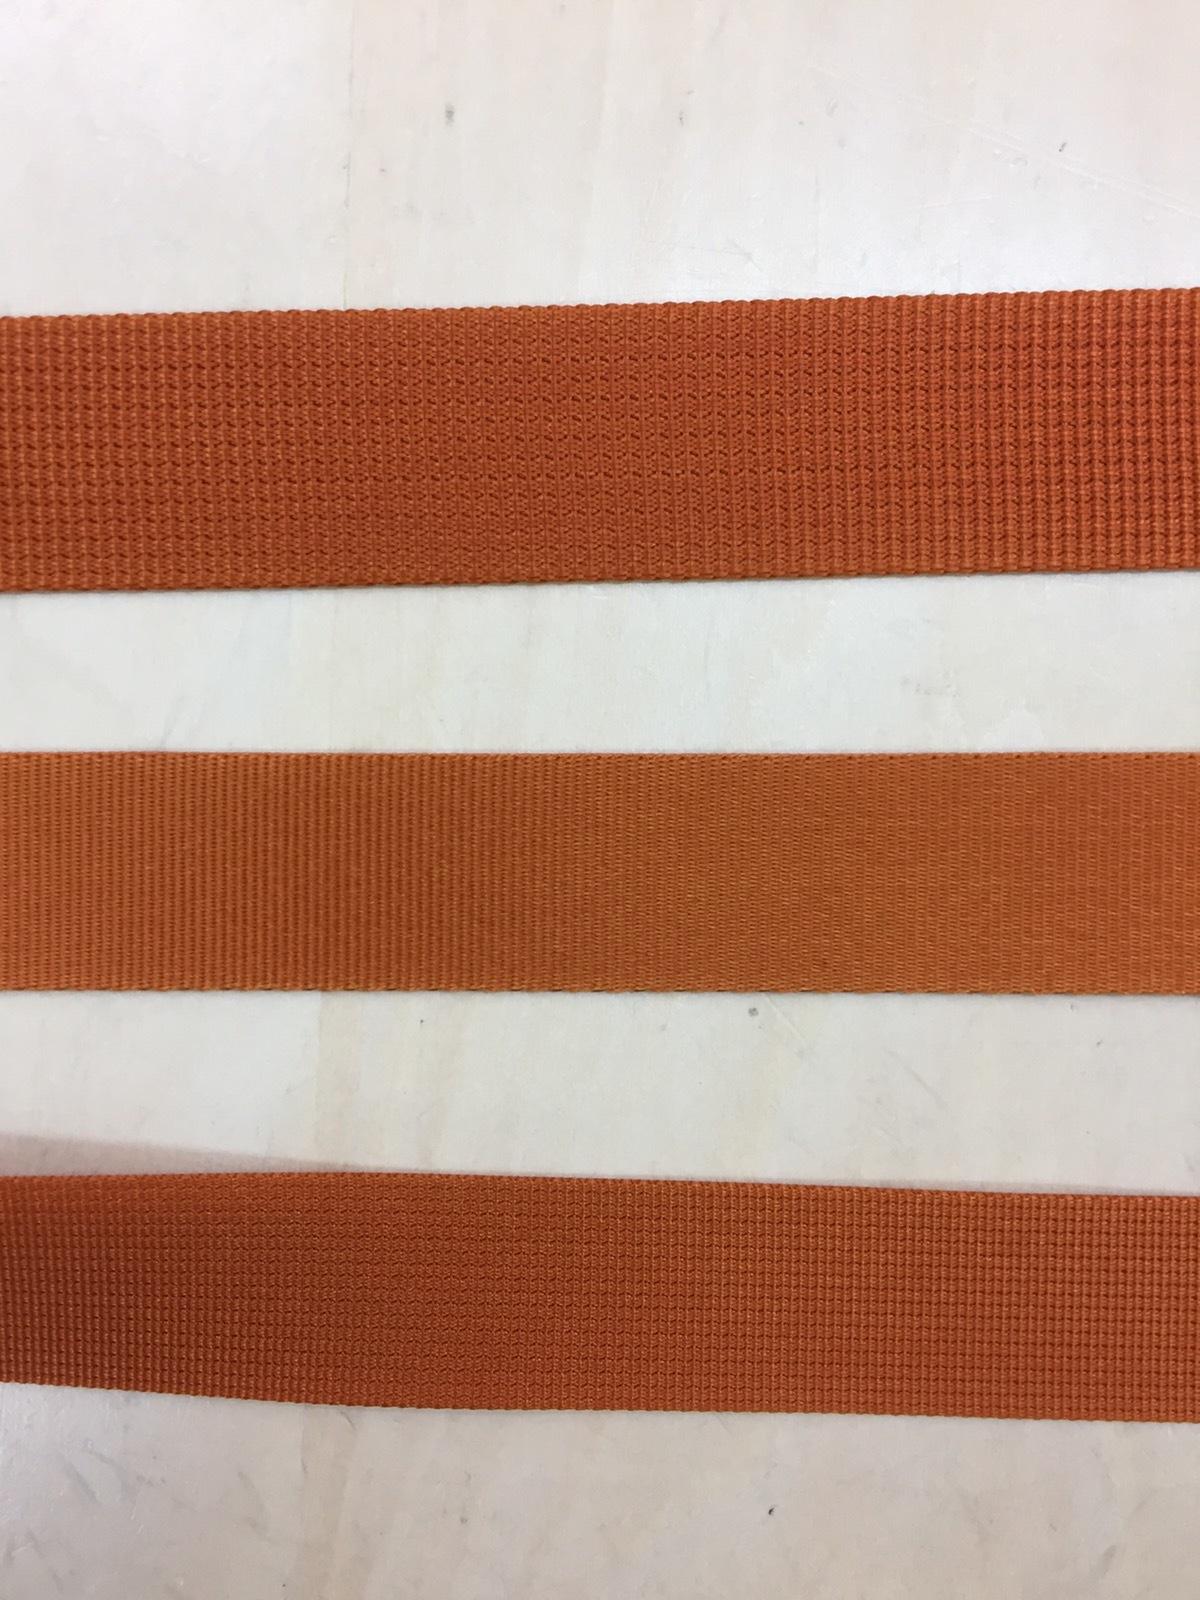 ナイロン 朱子織 サテン風 30㎜幅 カラー(黒以外) 1m単位